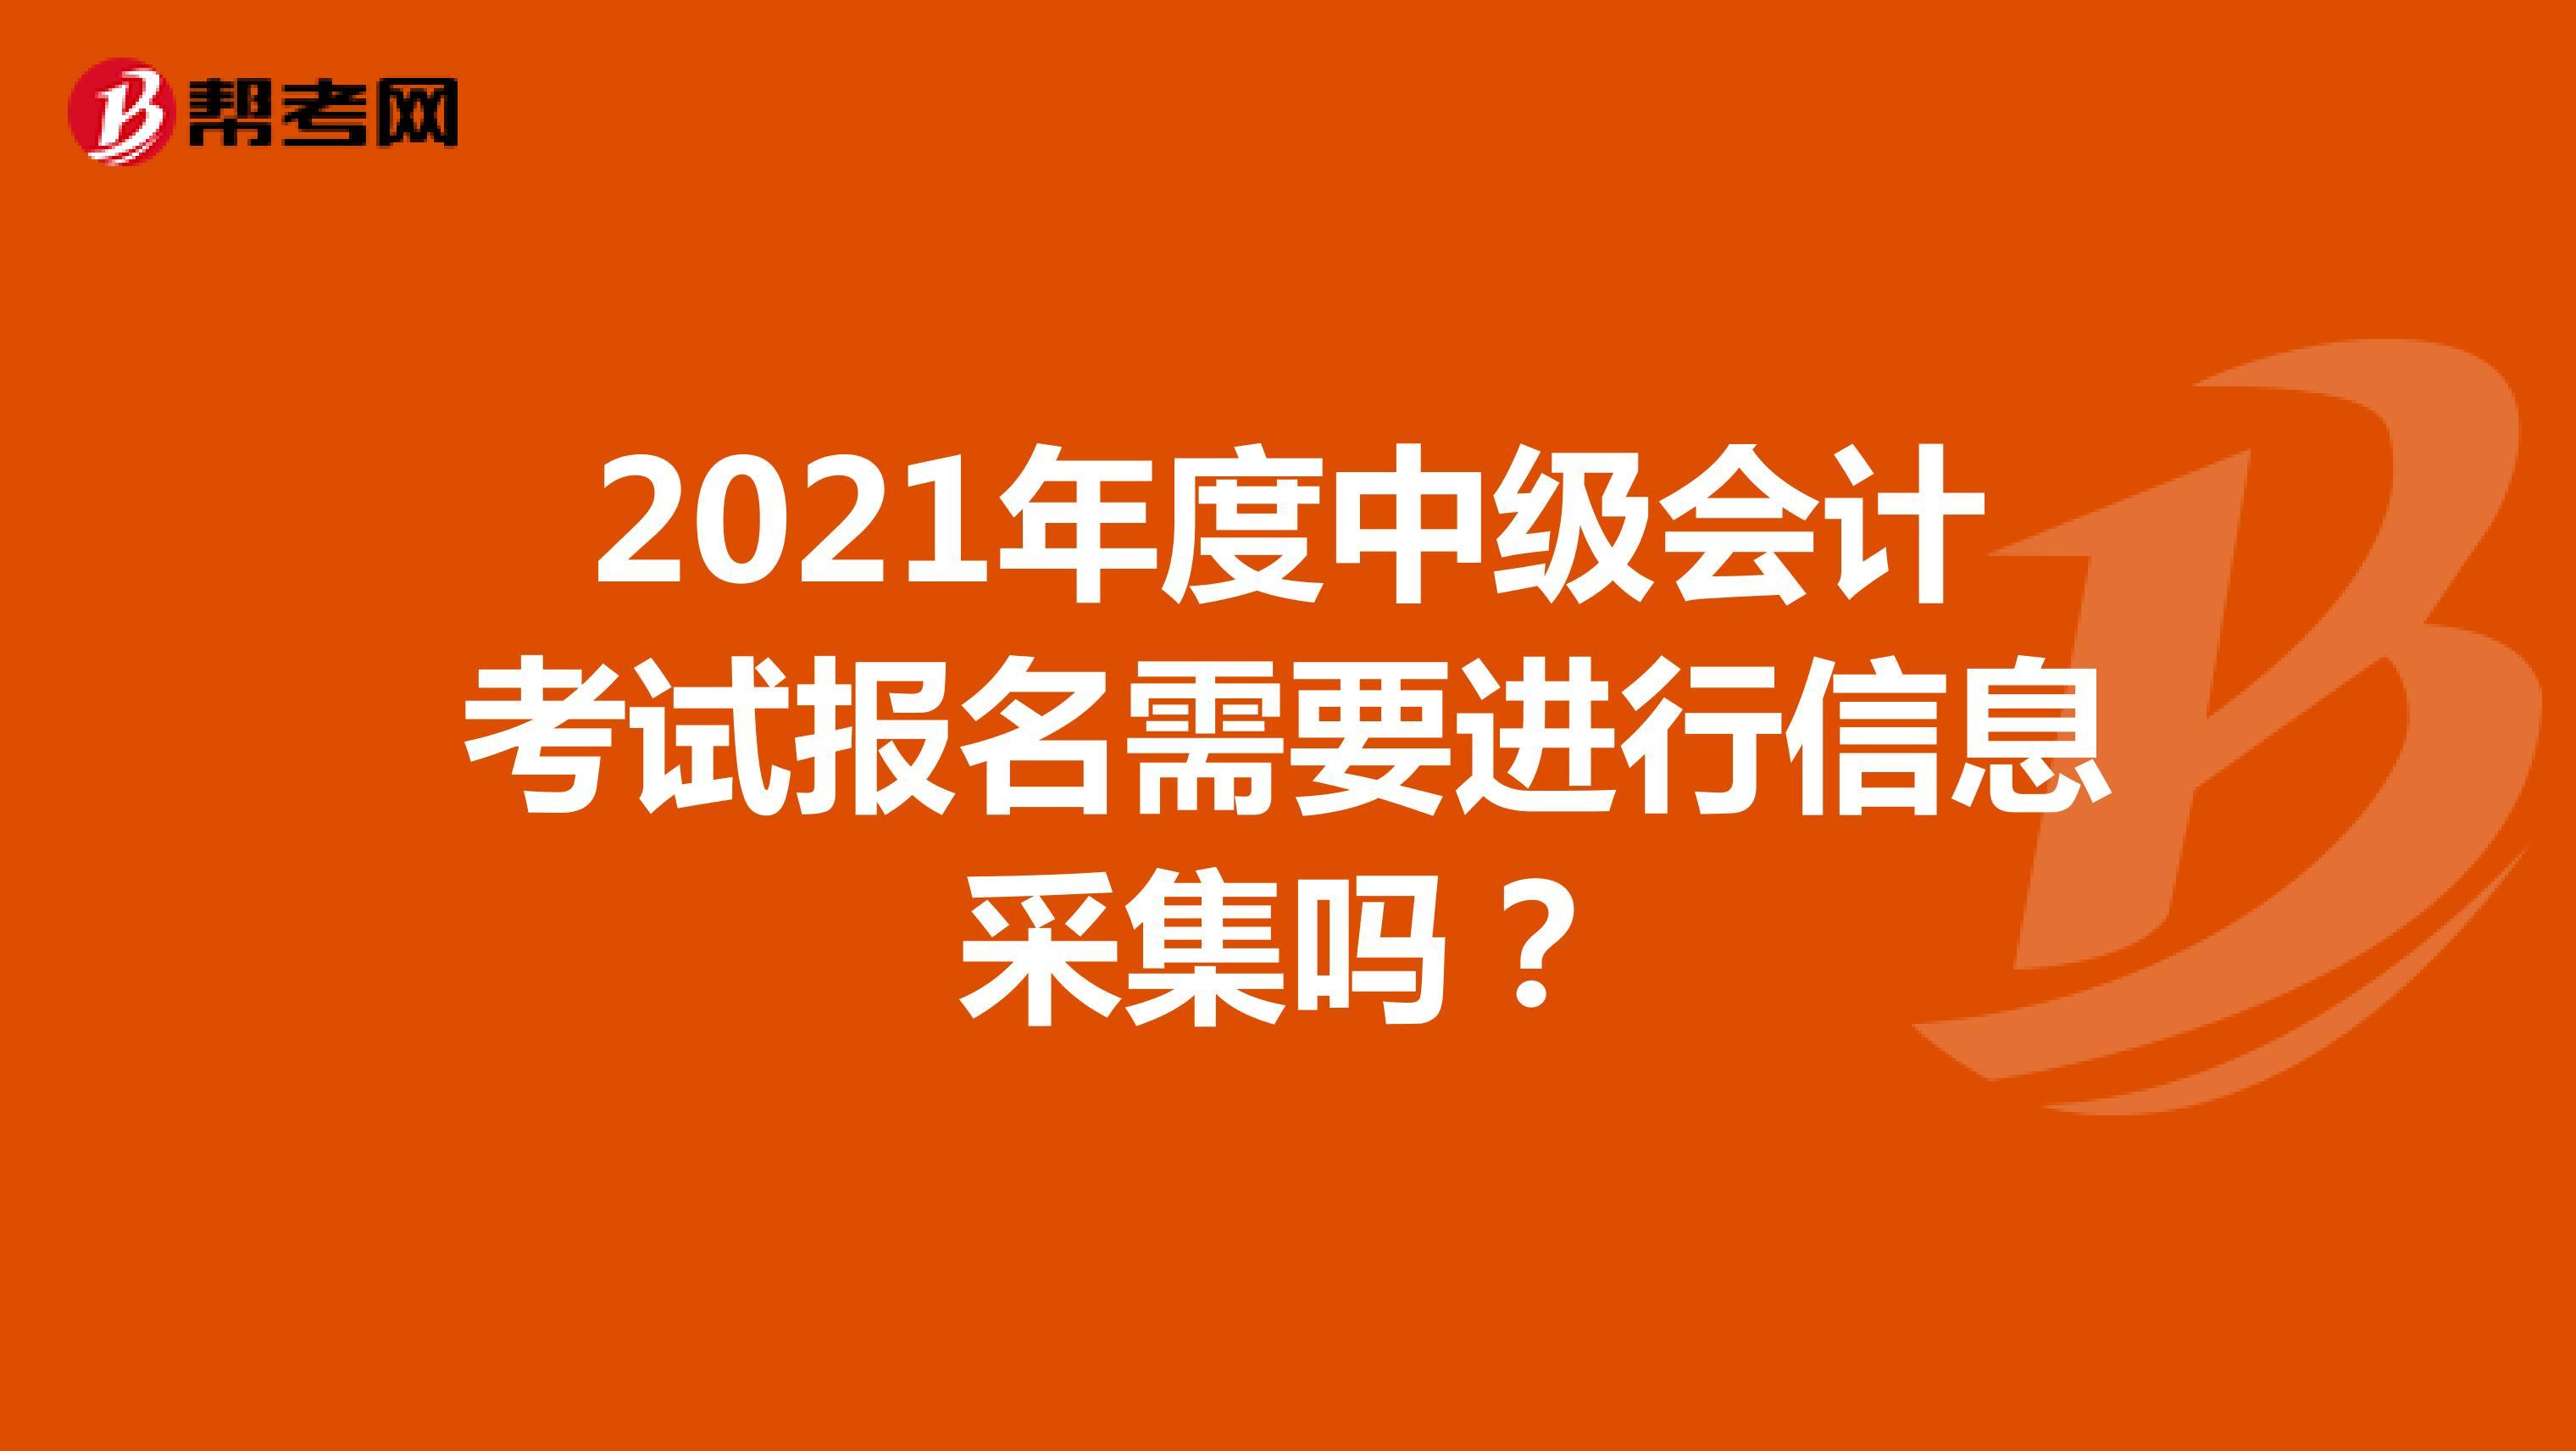 2021年度中级会计考试报名需要进行信息采集吗?